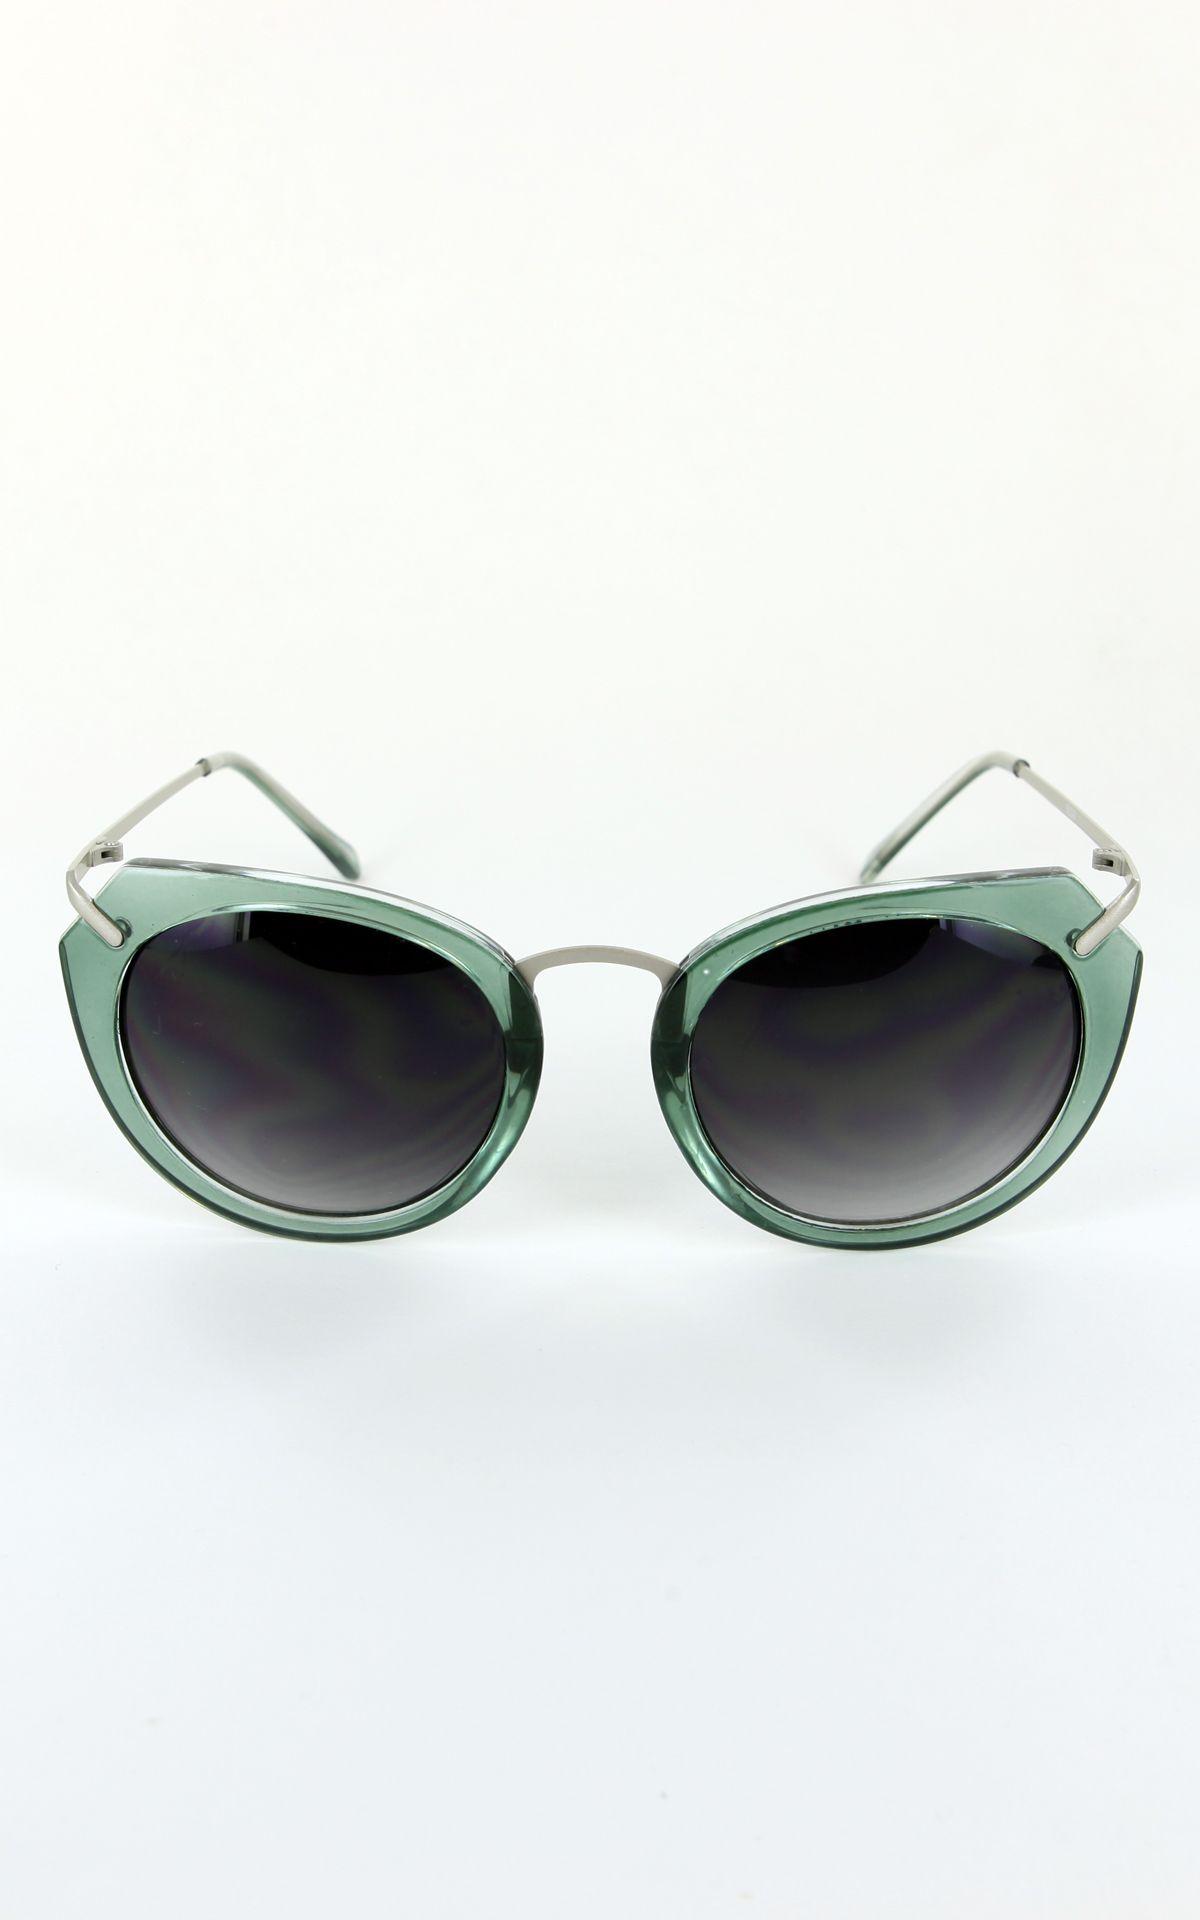 1950s Modern Vintage Sunglasses $5.99 AT vintagedancer.com